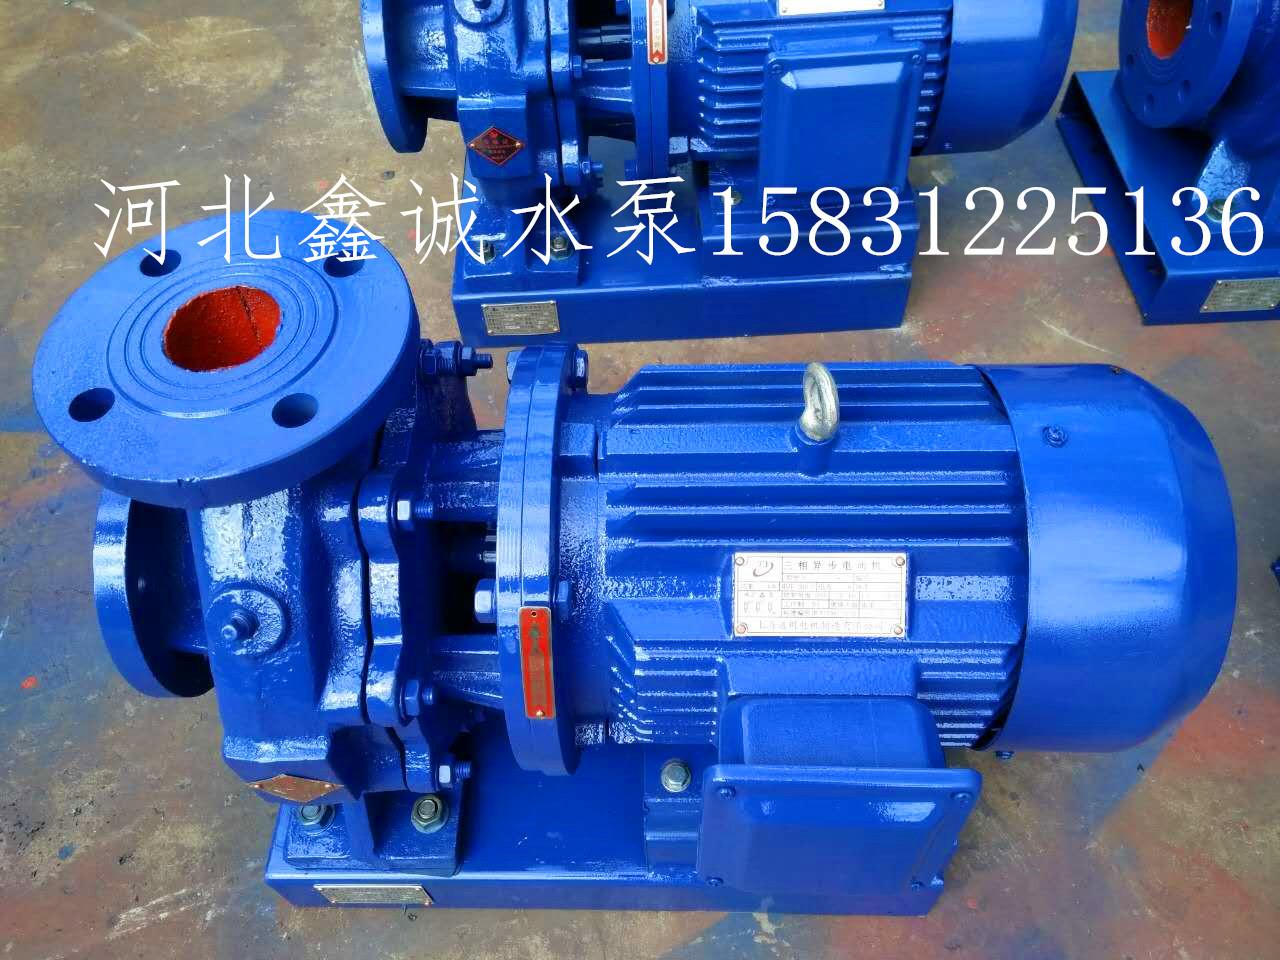 河南省平顶山市采暖管道泵选型